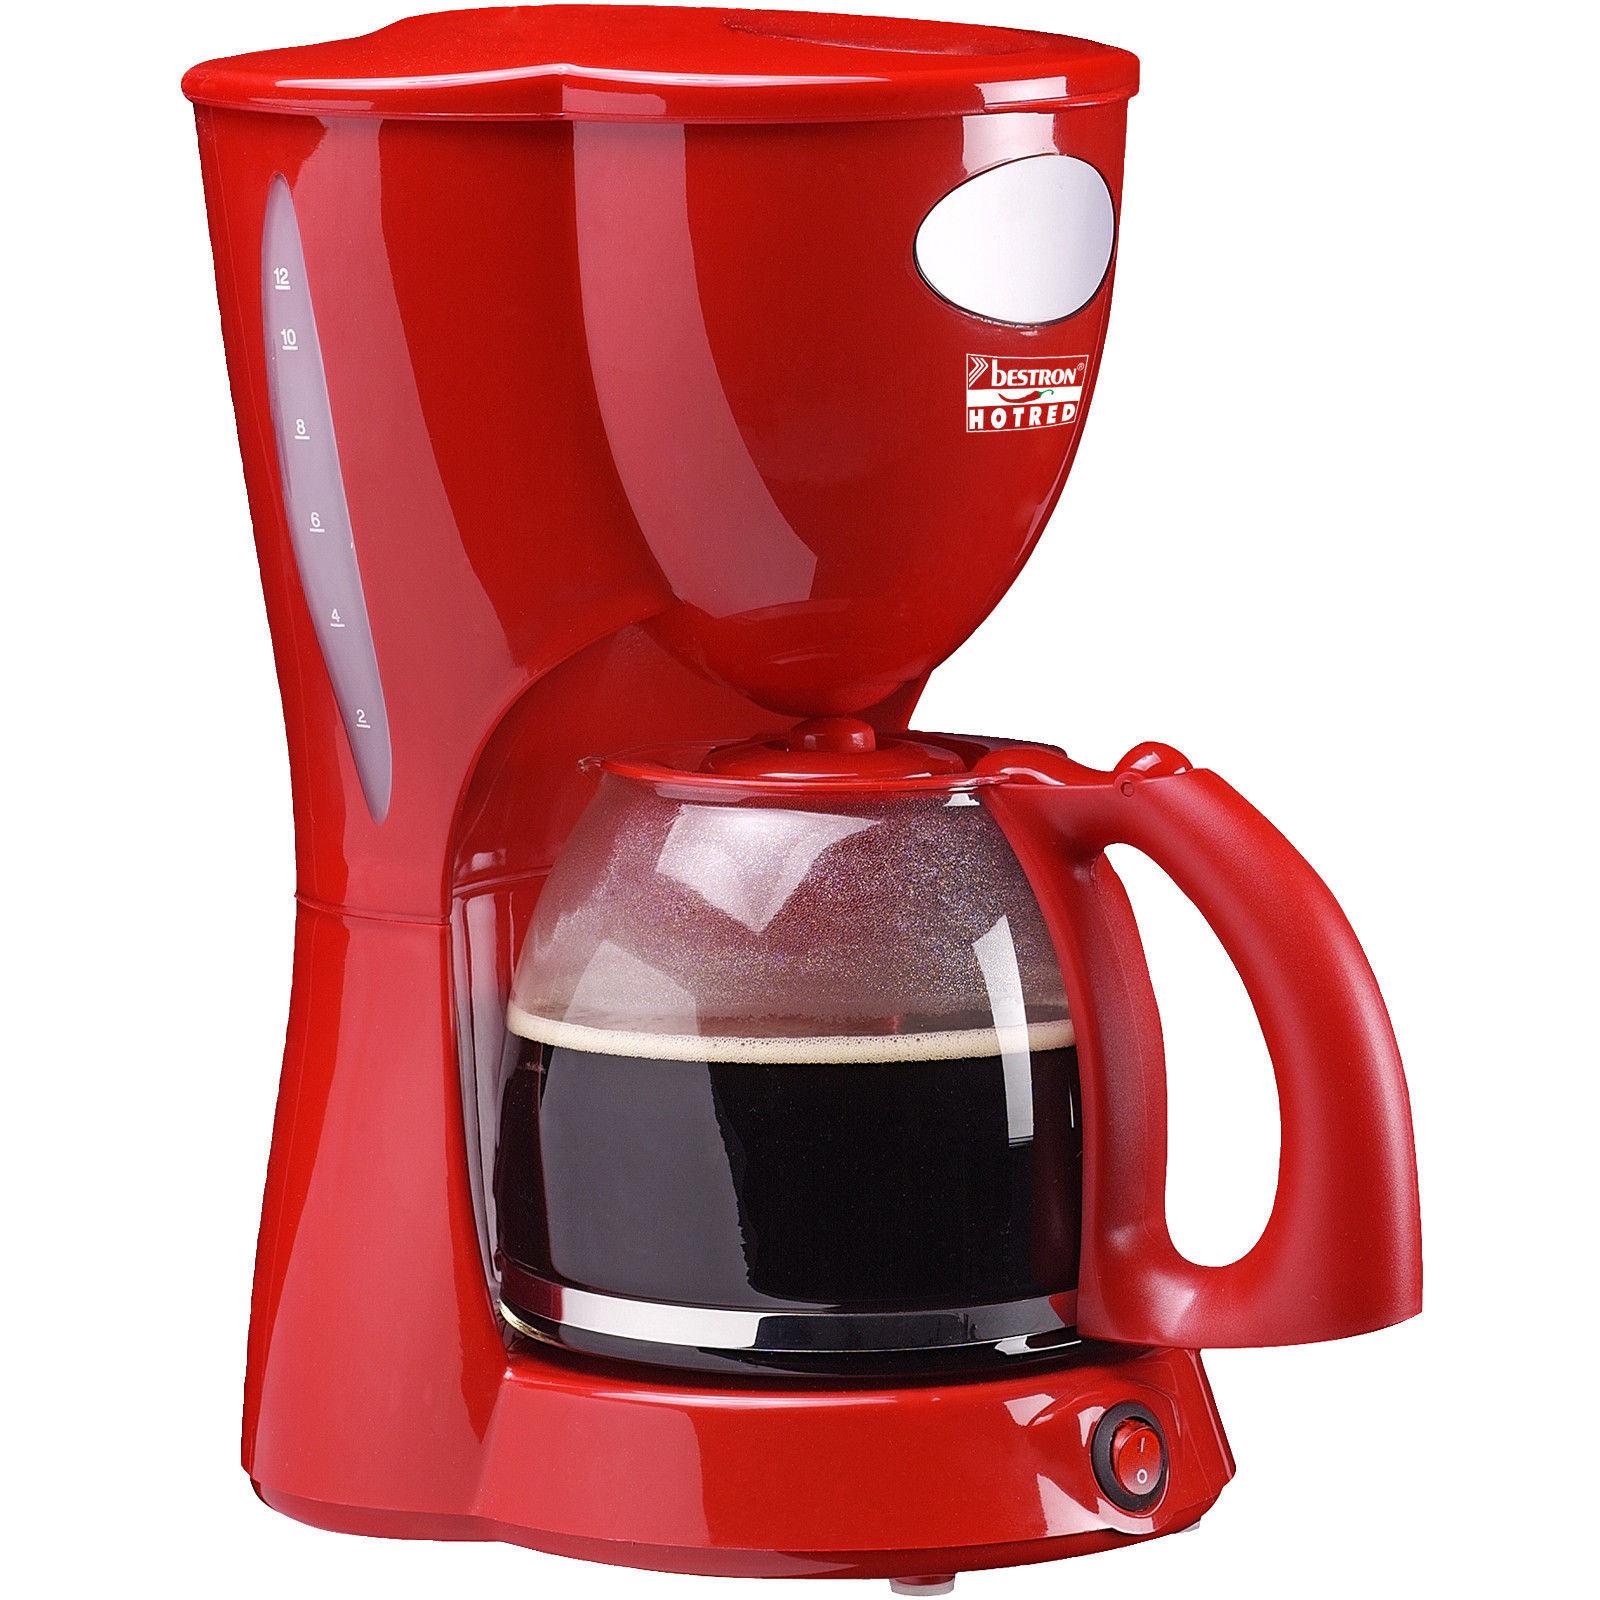 Kaffeemaschine Kaffeeautomat Glaskanne 1,5 Liter Permanent Filter Rot BESTRON ACM801